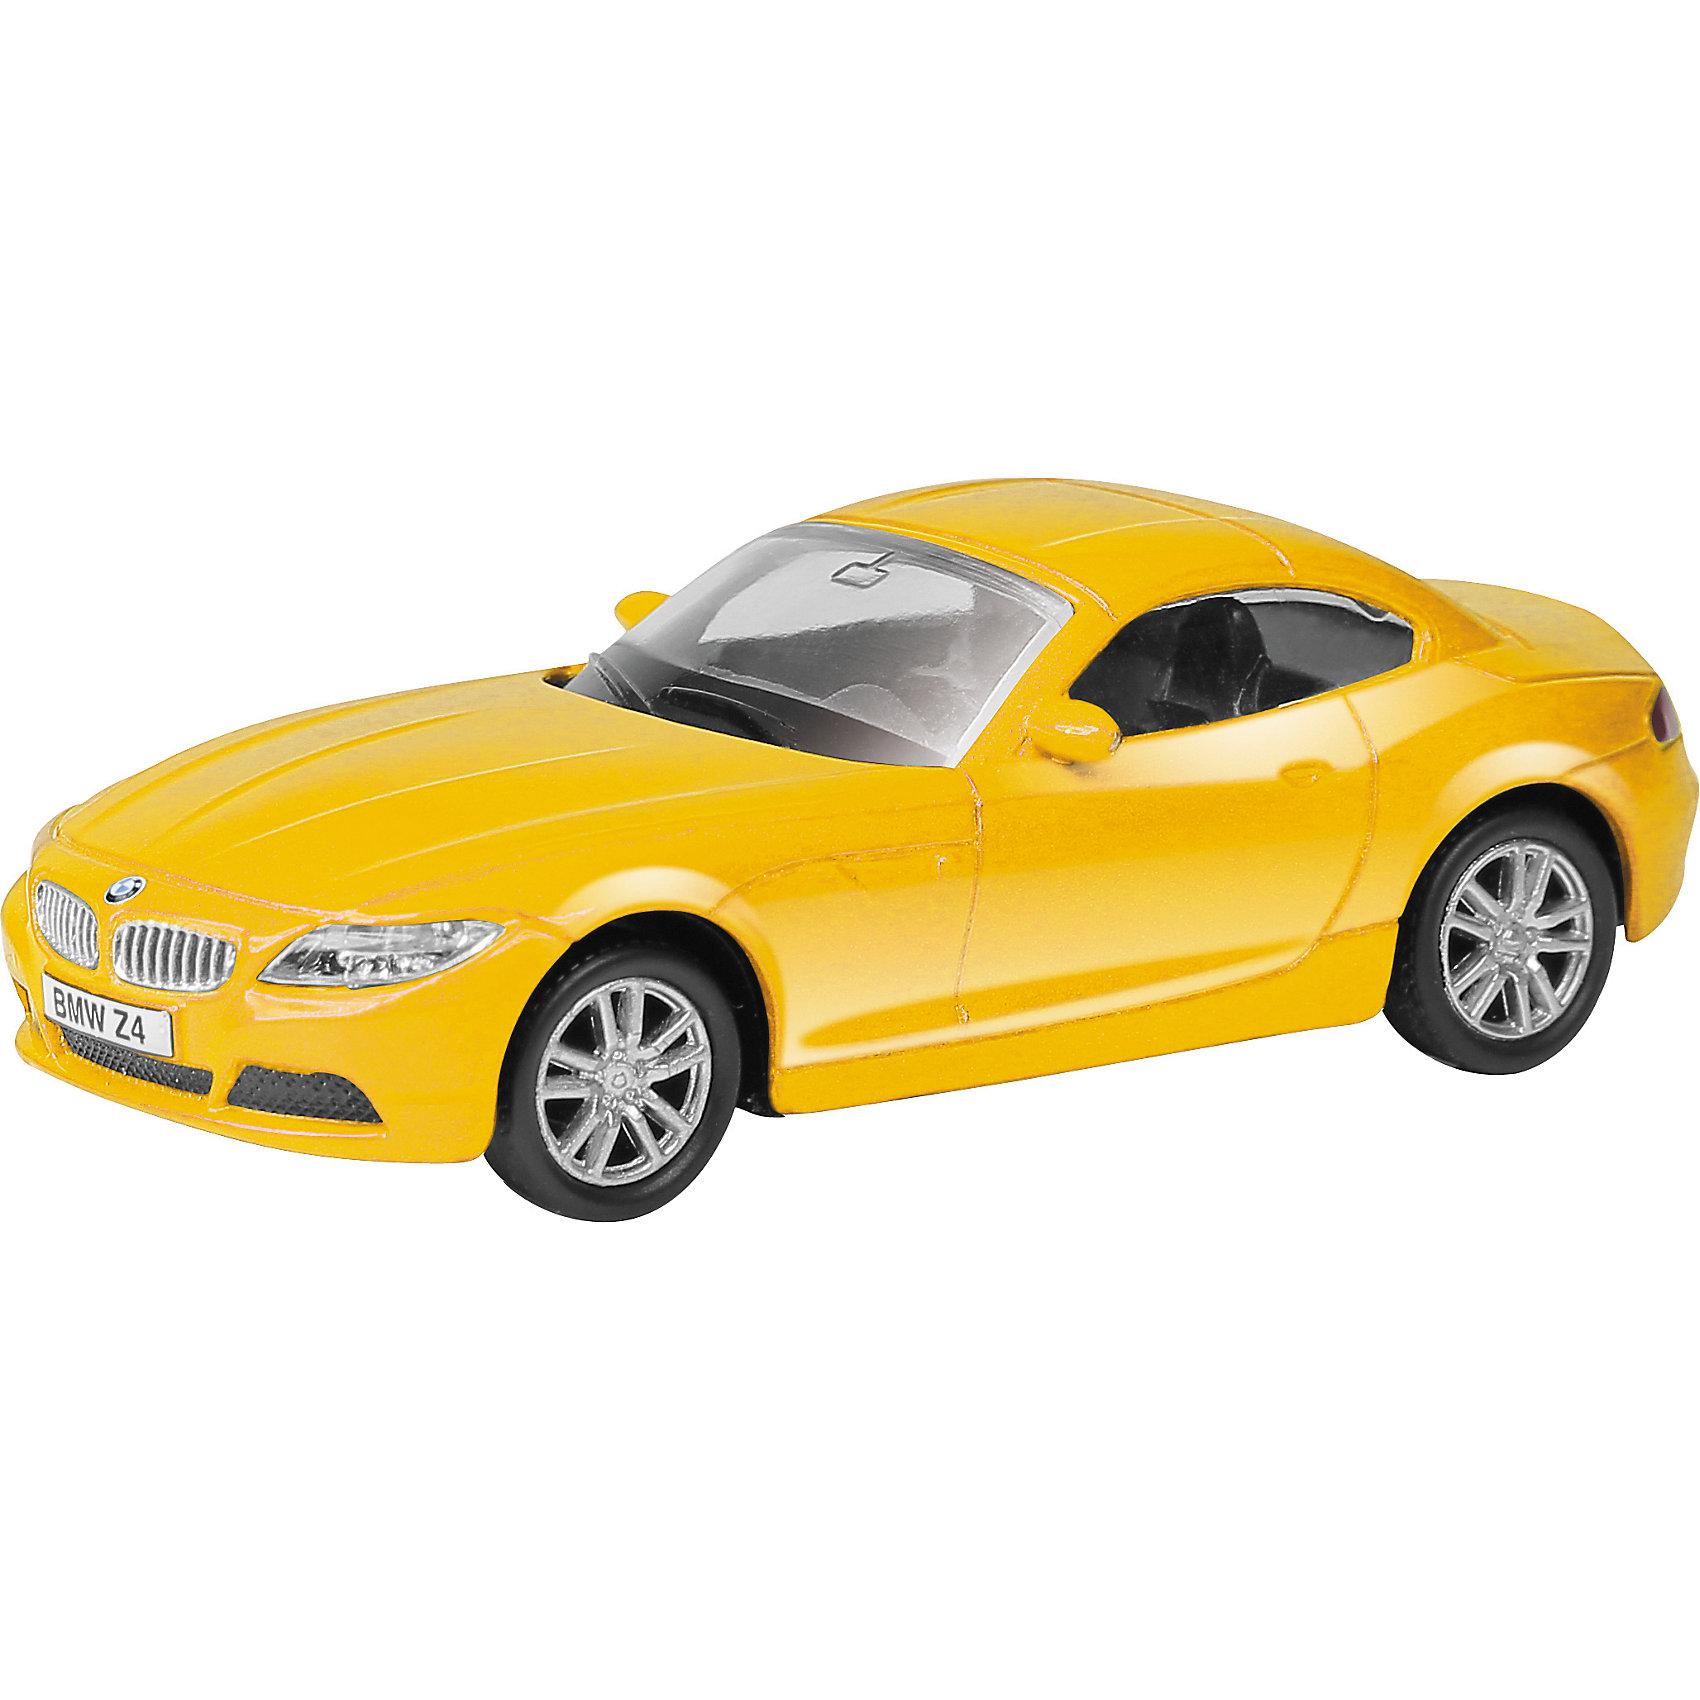 Машинка BMW Z4 1:64, AutotimeМашинки<br>Характеристики товара:<br><br>• цвет: в ассортименте<br>• возраст: от 3 лет<br>• материал: металл, пластик<br>• масштаб: 1:64<br>• инерционная<br>• крутятся колеса<br>• открываются двери<br>• размер упаковки: 15х6х6 см<br>• вес с упаковкой: 100 г<br>• страна бренда: Россия, Китай<br>• страна изготовитель: Китай<br><br>Эта отлично детализированная машинка является коллекционной моделью. Это - миниатюрная копия реально существующей модели.<br><br>Сделана машинка из прочного и безопасного материала. Благодаря прозрачным стеклам виден подробно проработанный салон.<br><br>Машинку «BMW Z4» 1:64, Autotime (Автотайм) можно купить в нашем интернет-магазине.<br><br>Ширина мм: 90<br>Глубина мм: 42<br>Высота мм: 40<br>Вес г: 13<br>Возраст от месяцев: 36<br>Возраст до месяцев: 2147483647<br>Пол: Мужской<br>Возраст: Детский<br>SKU: 5584083